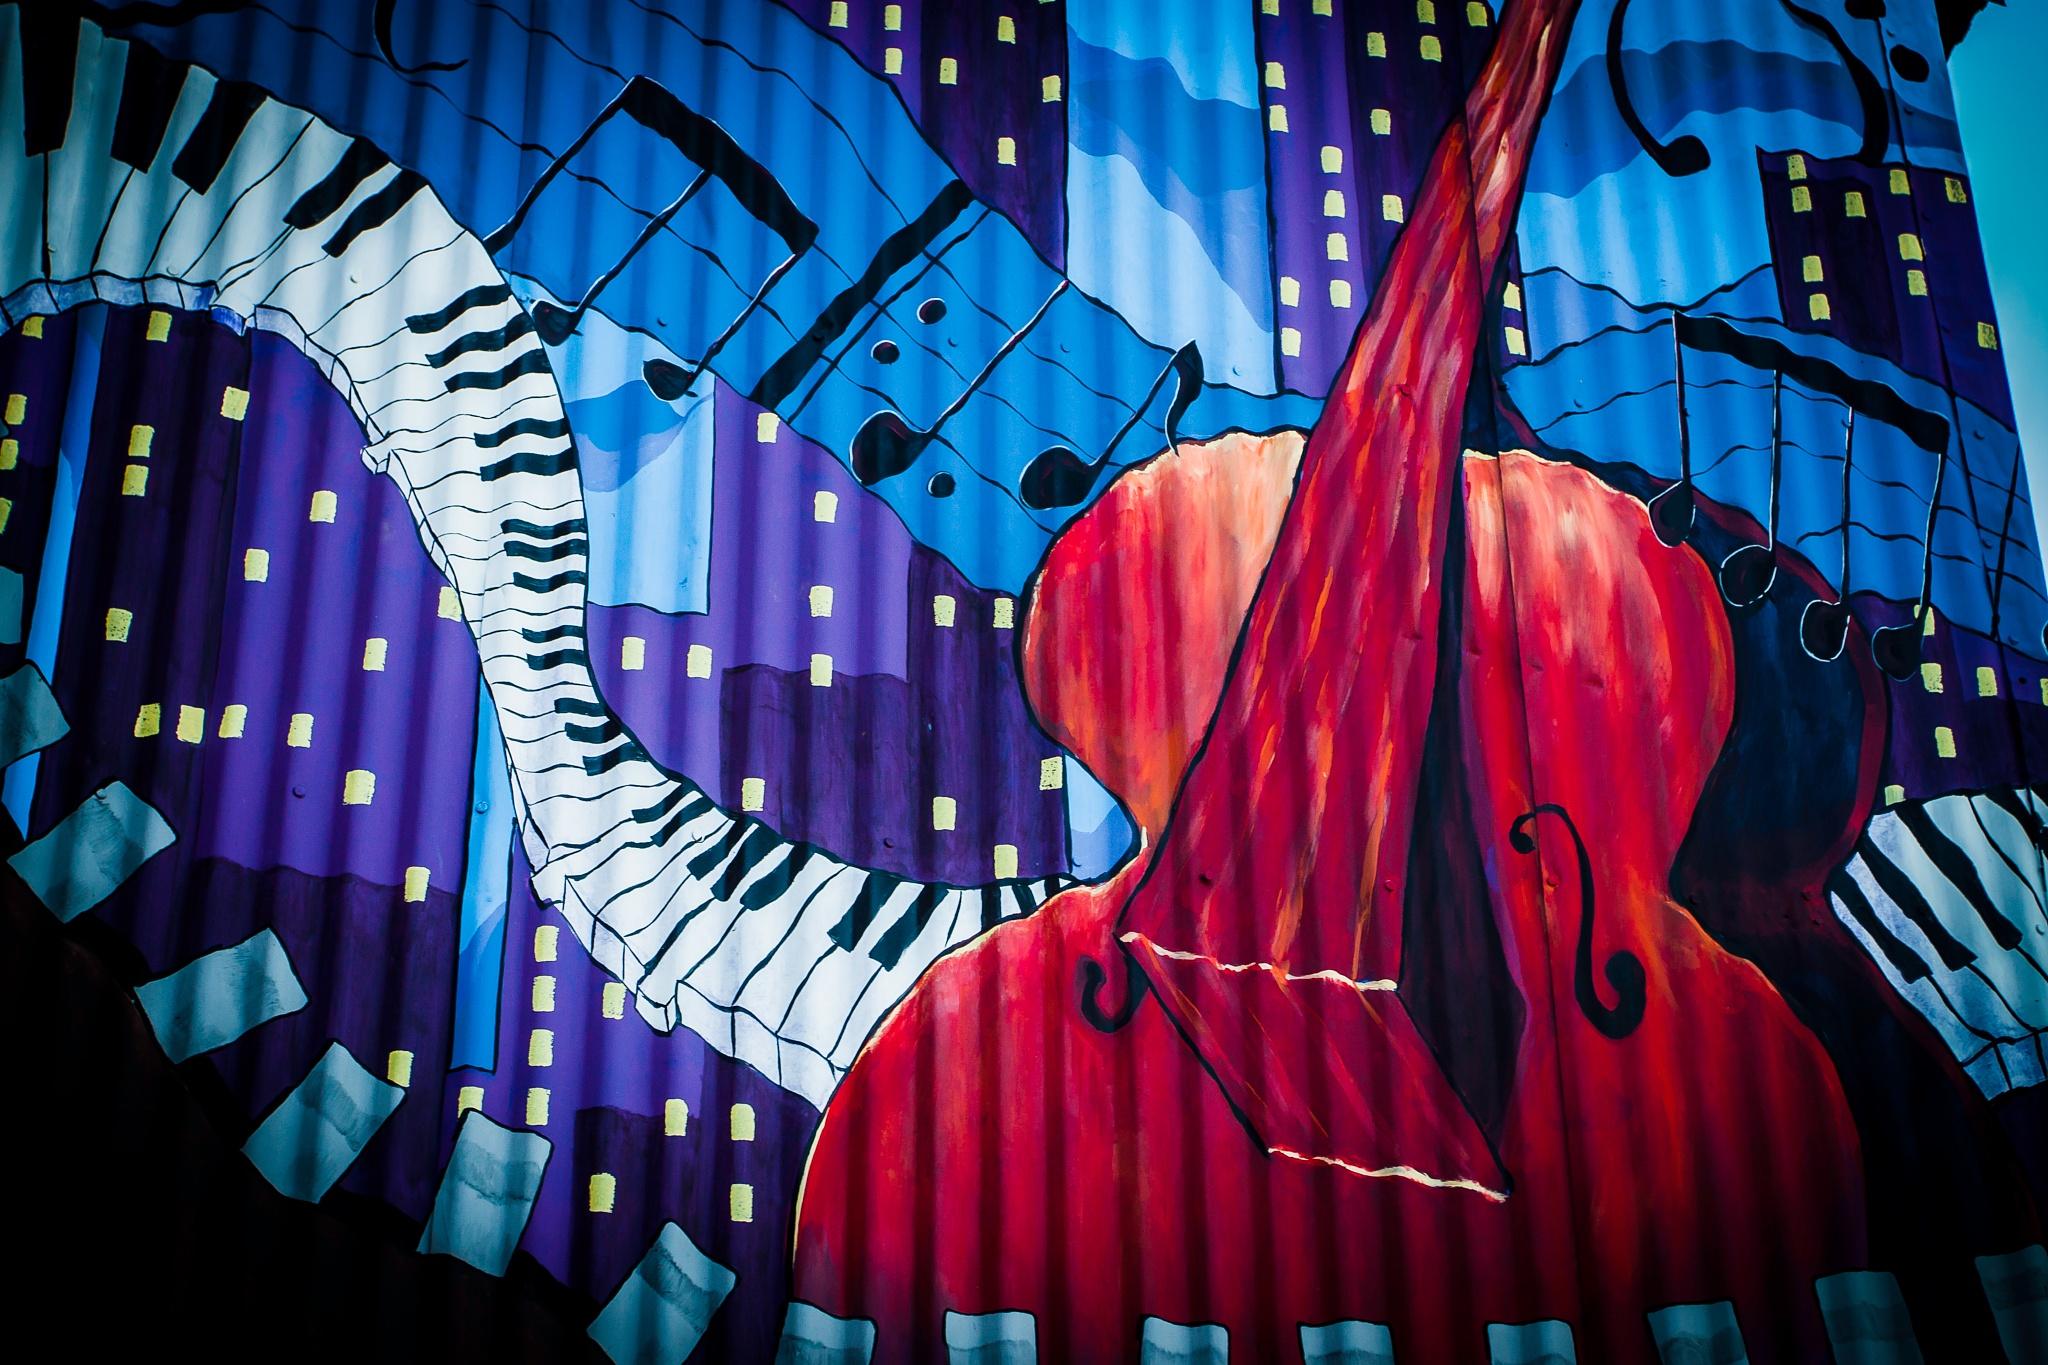 Viola ! by Patrick Bogan